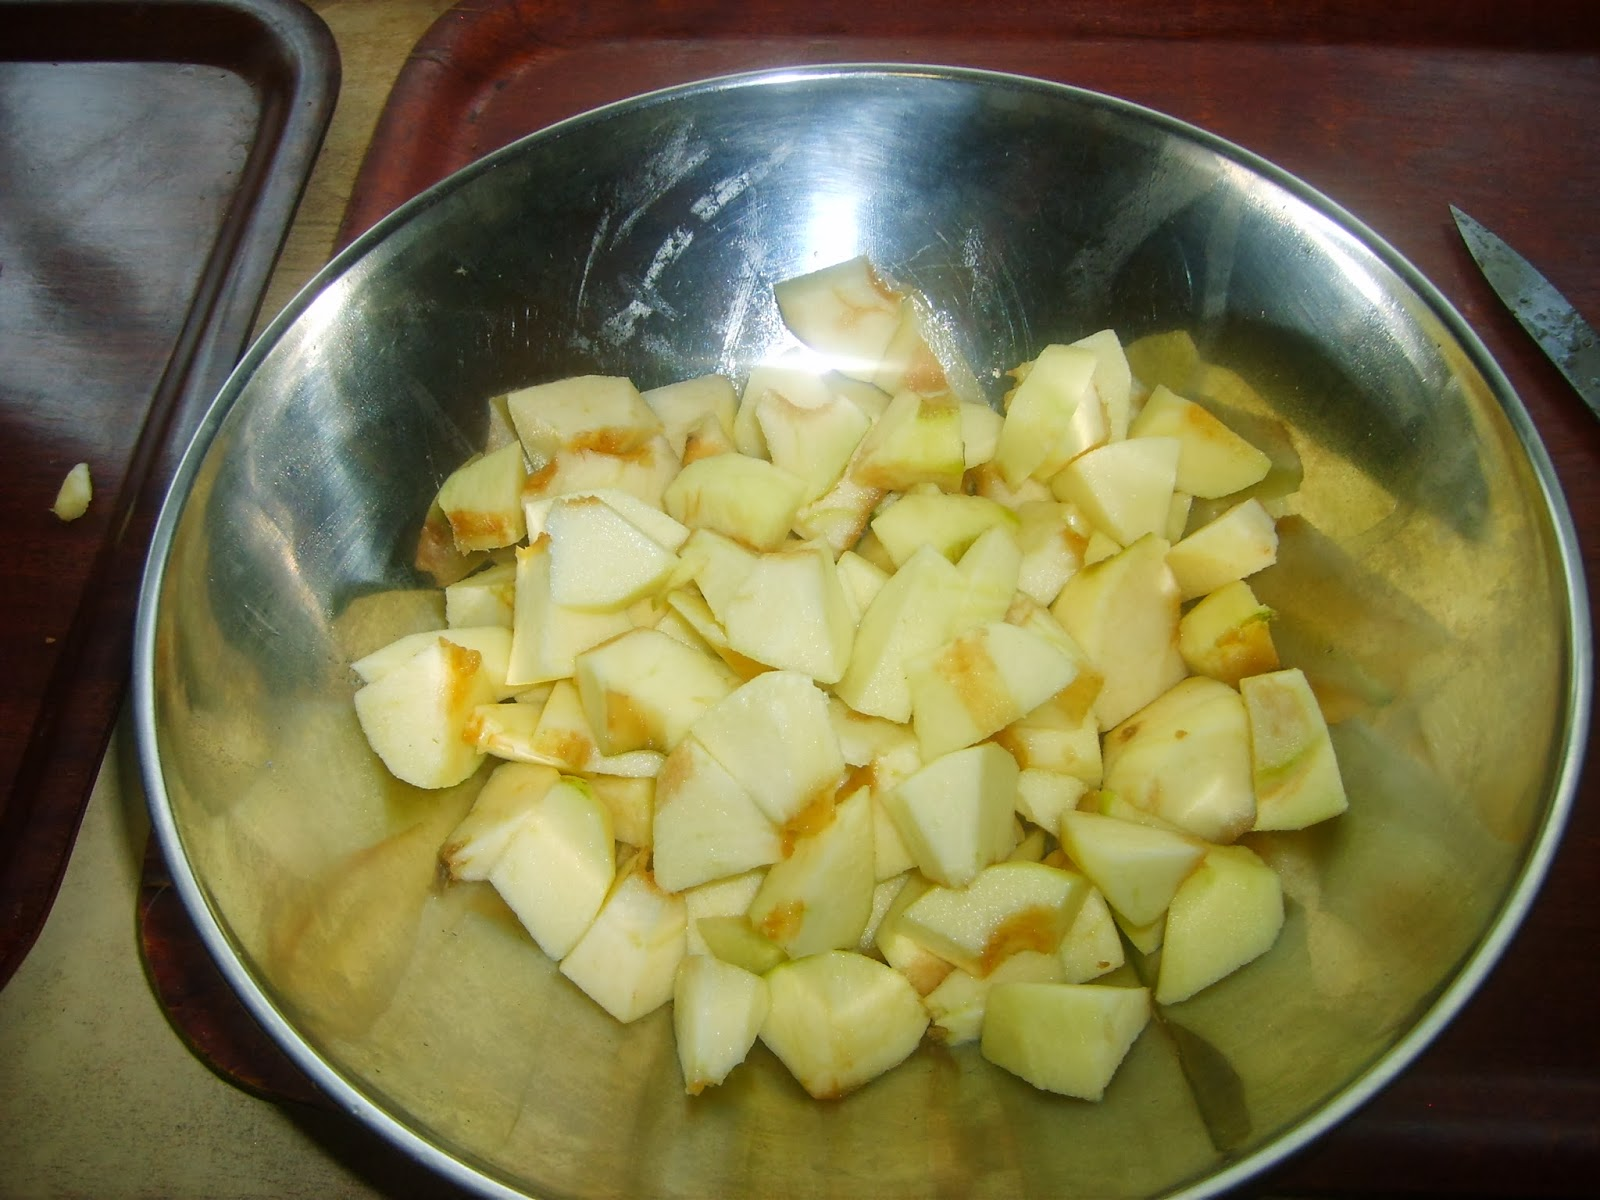 Les jardins du laveu op ration jus de pommes - Jus de pomme extracteur vapeur ...